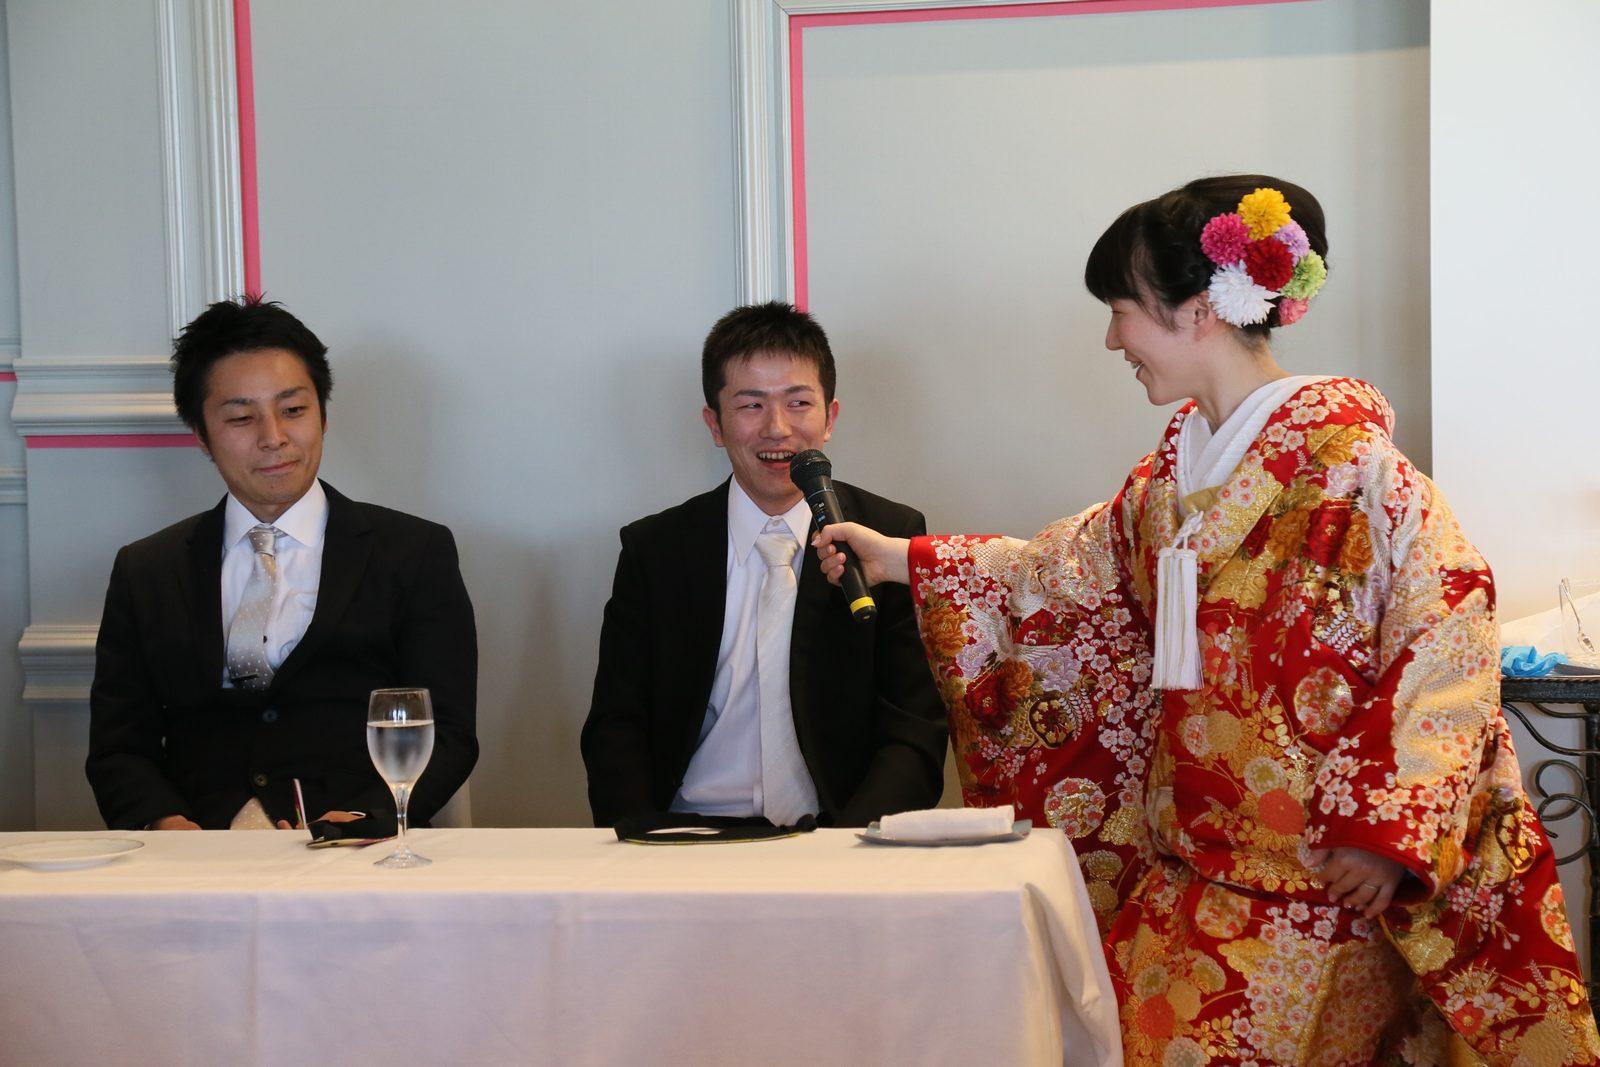 徳島市の結婚式場ブランアンジュで披露宴でのゲスト参加の余興のお時間